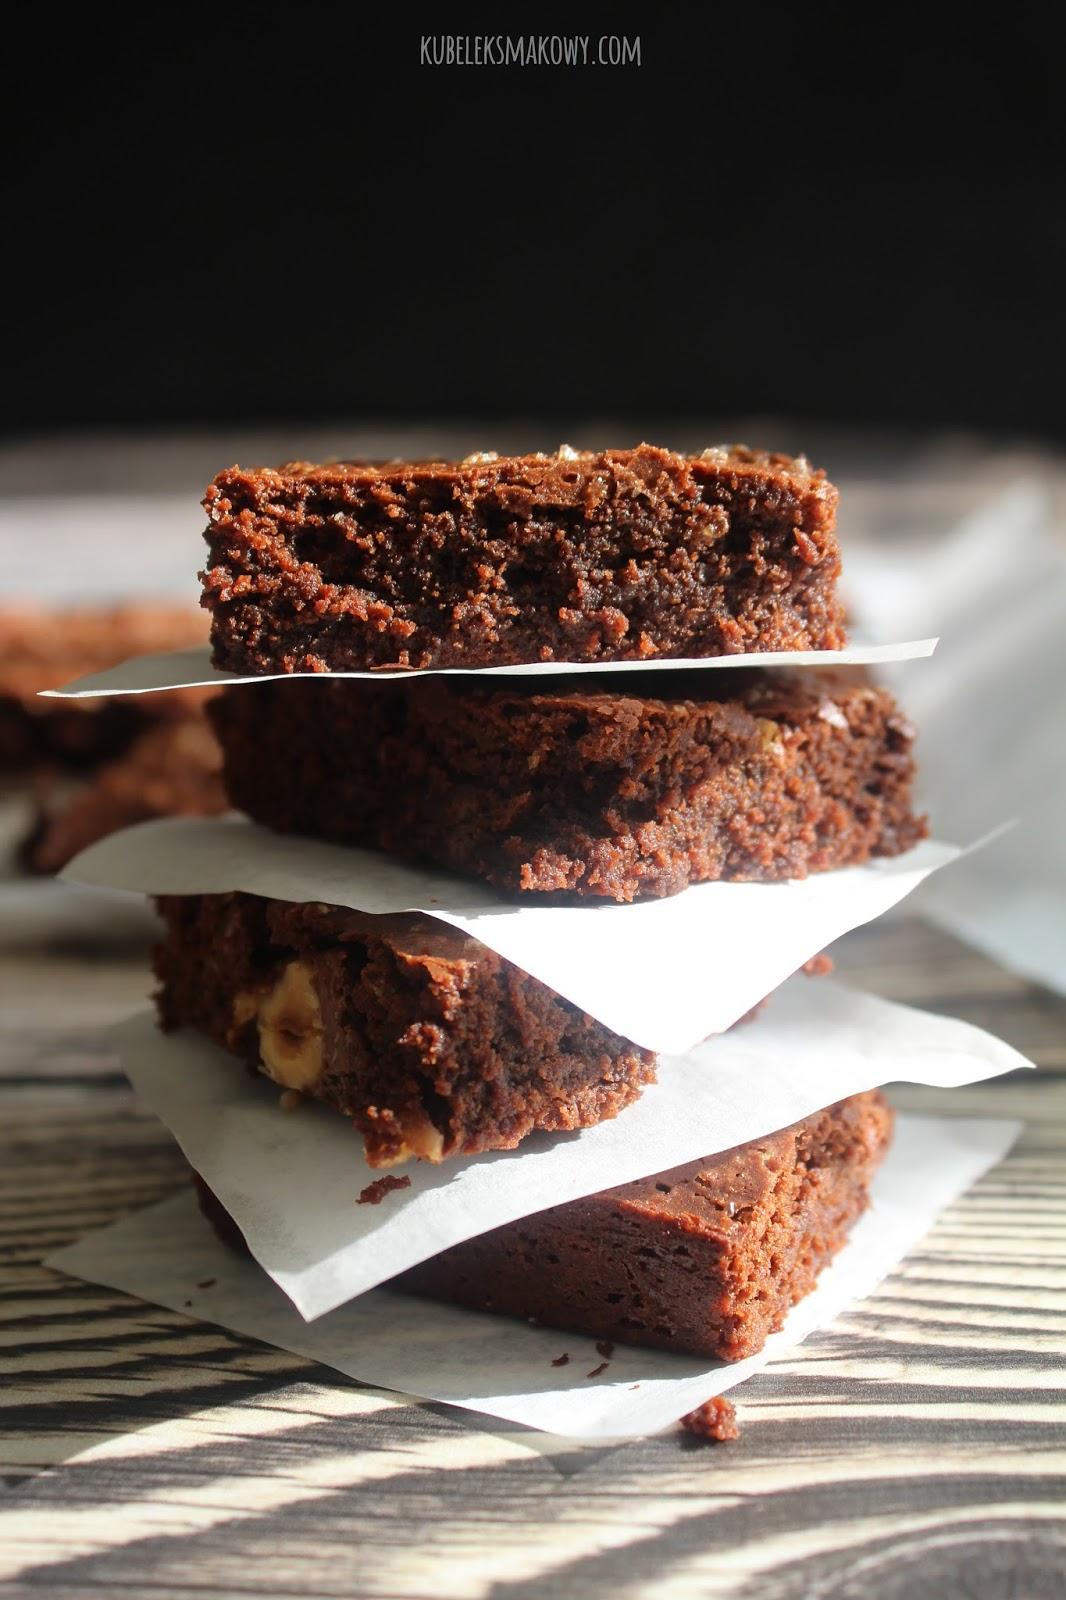 proste brownie z orzechami - przepisborder=